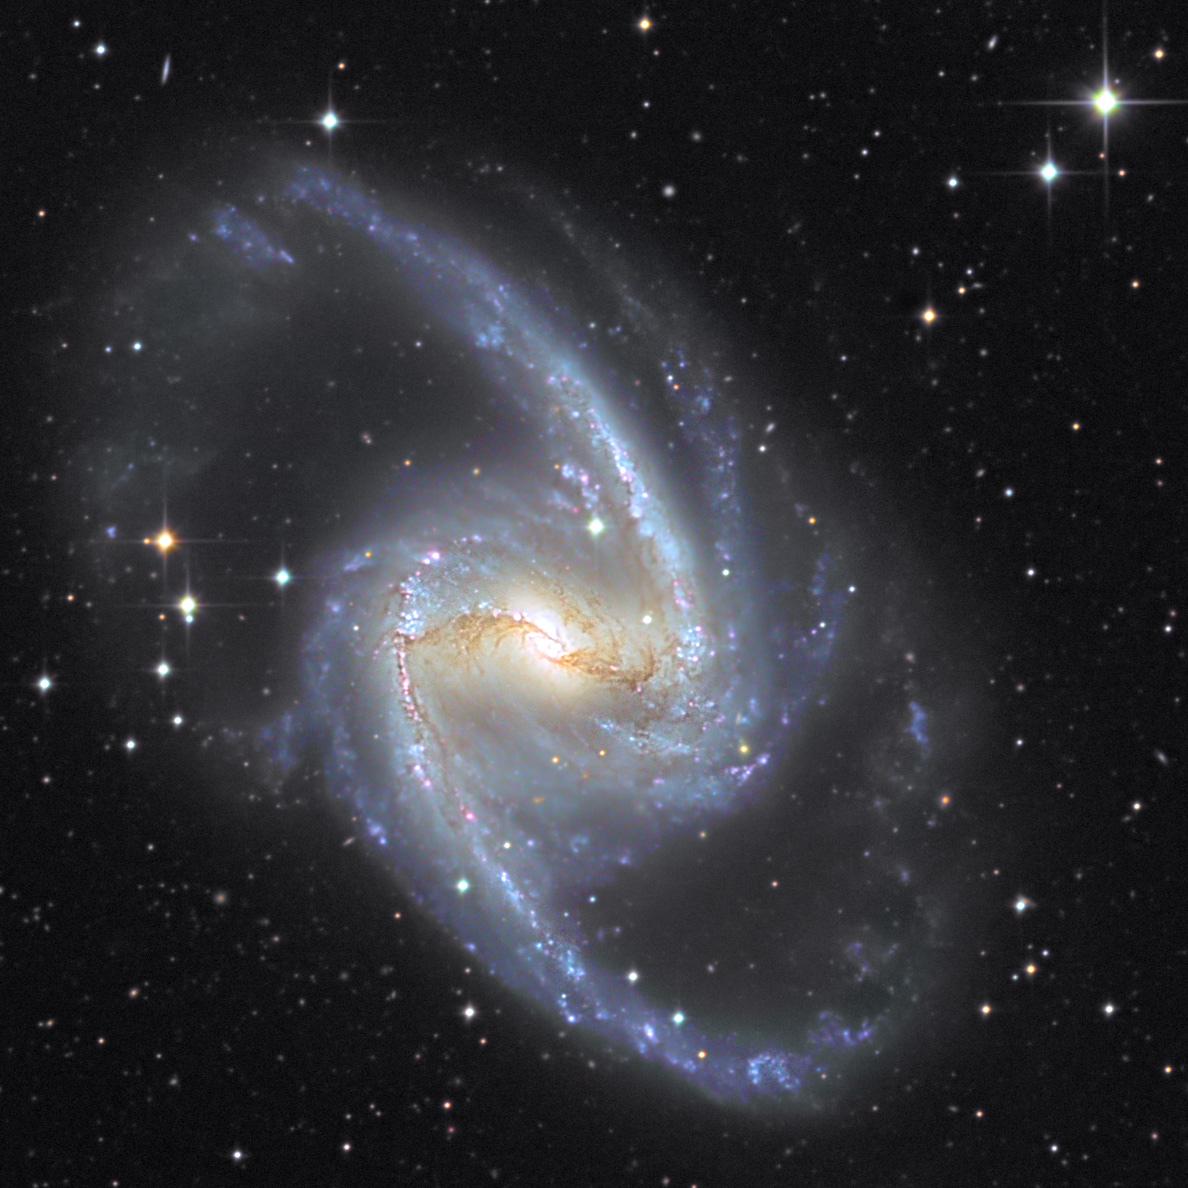 6005e746df74f_NGC1365_C_AB_TACRGB_TG_crop.jpg.3d909d381d8eb5fa972873f8a802947e.jpg